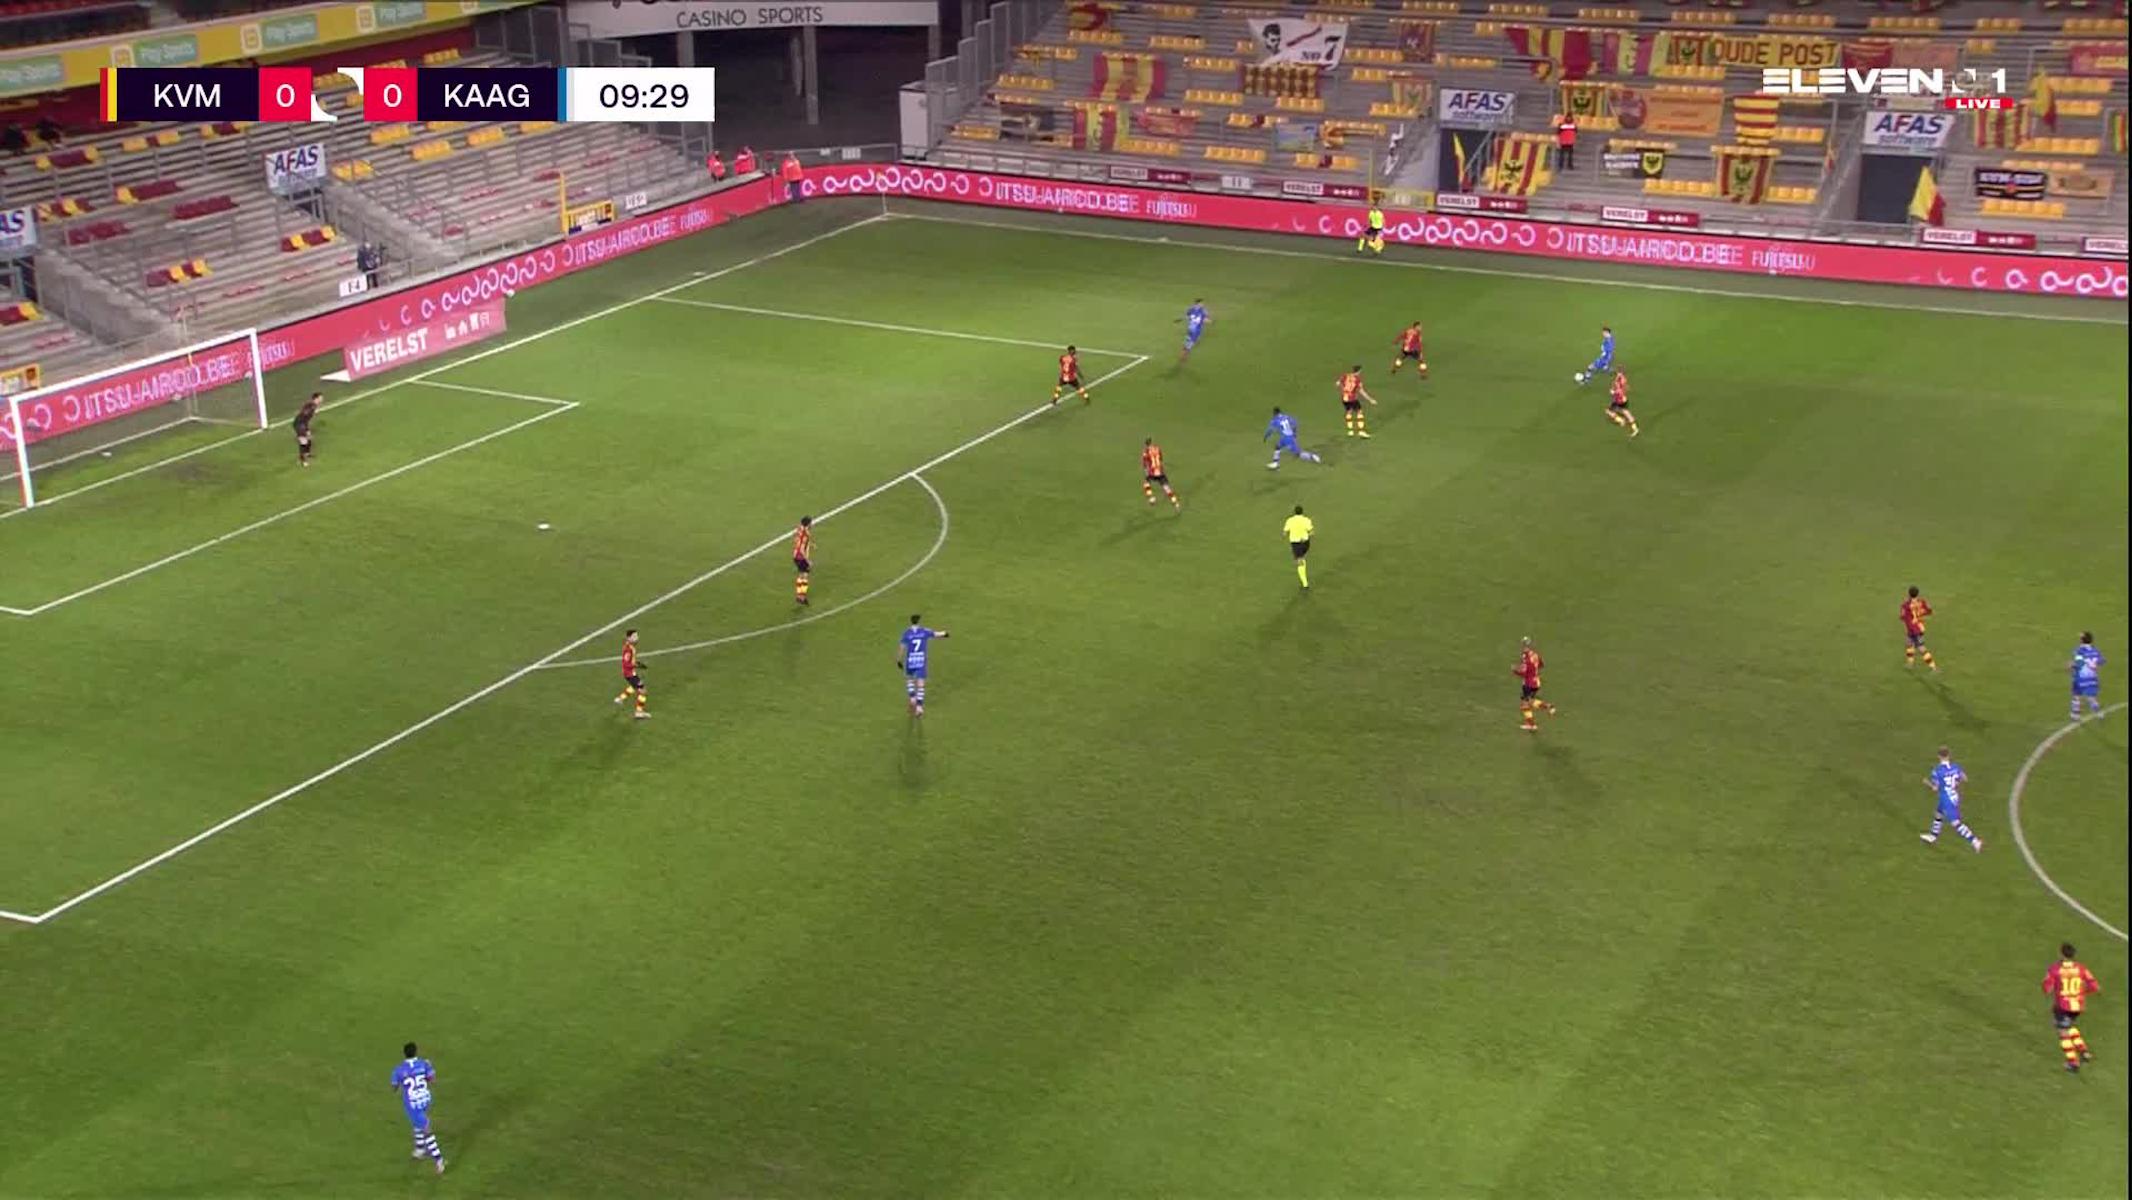 Doelpunt Roman Yaremchuk (KV Mechelen vs. KAA Gent)